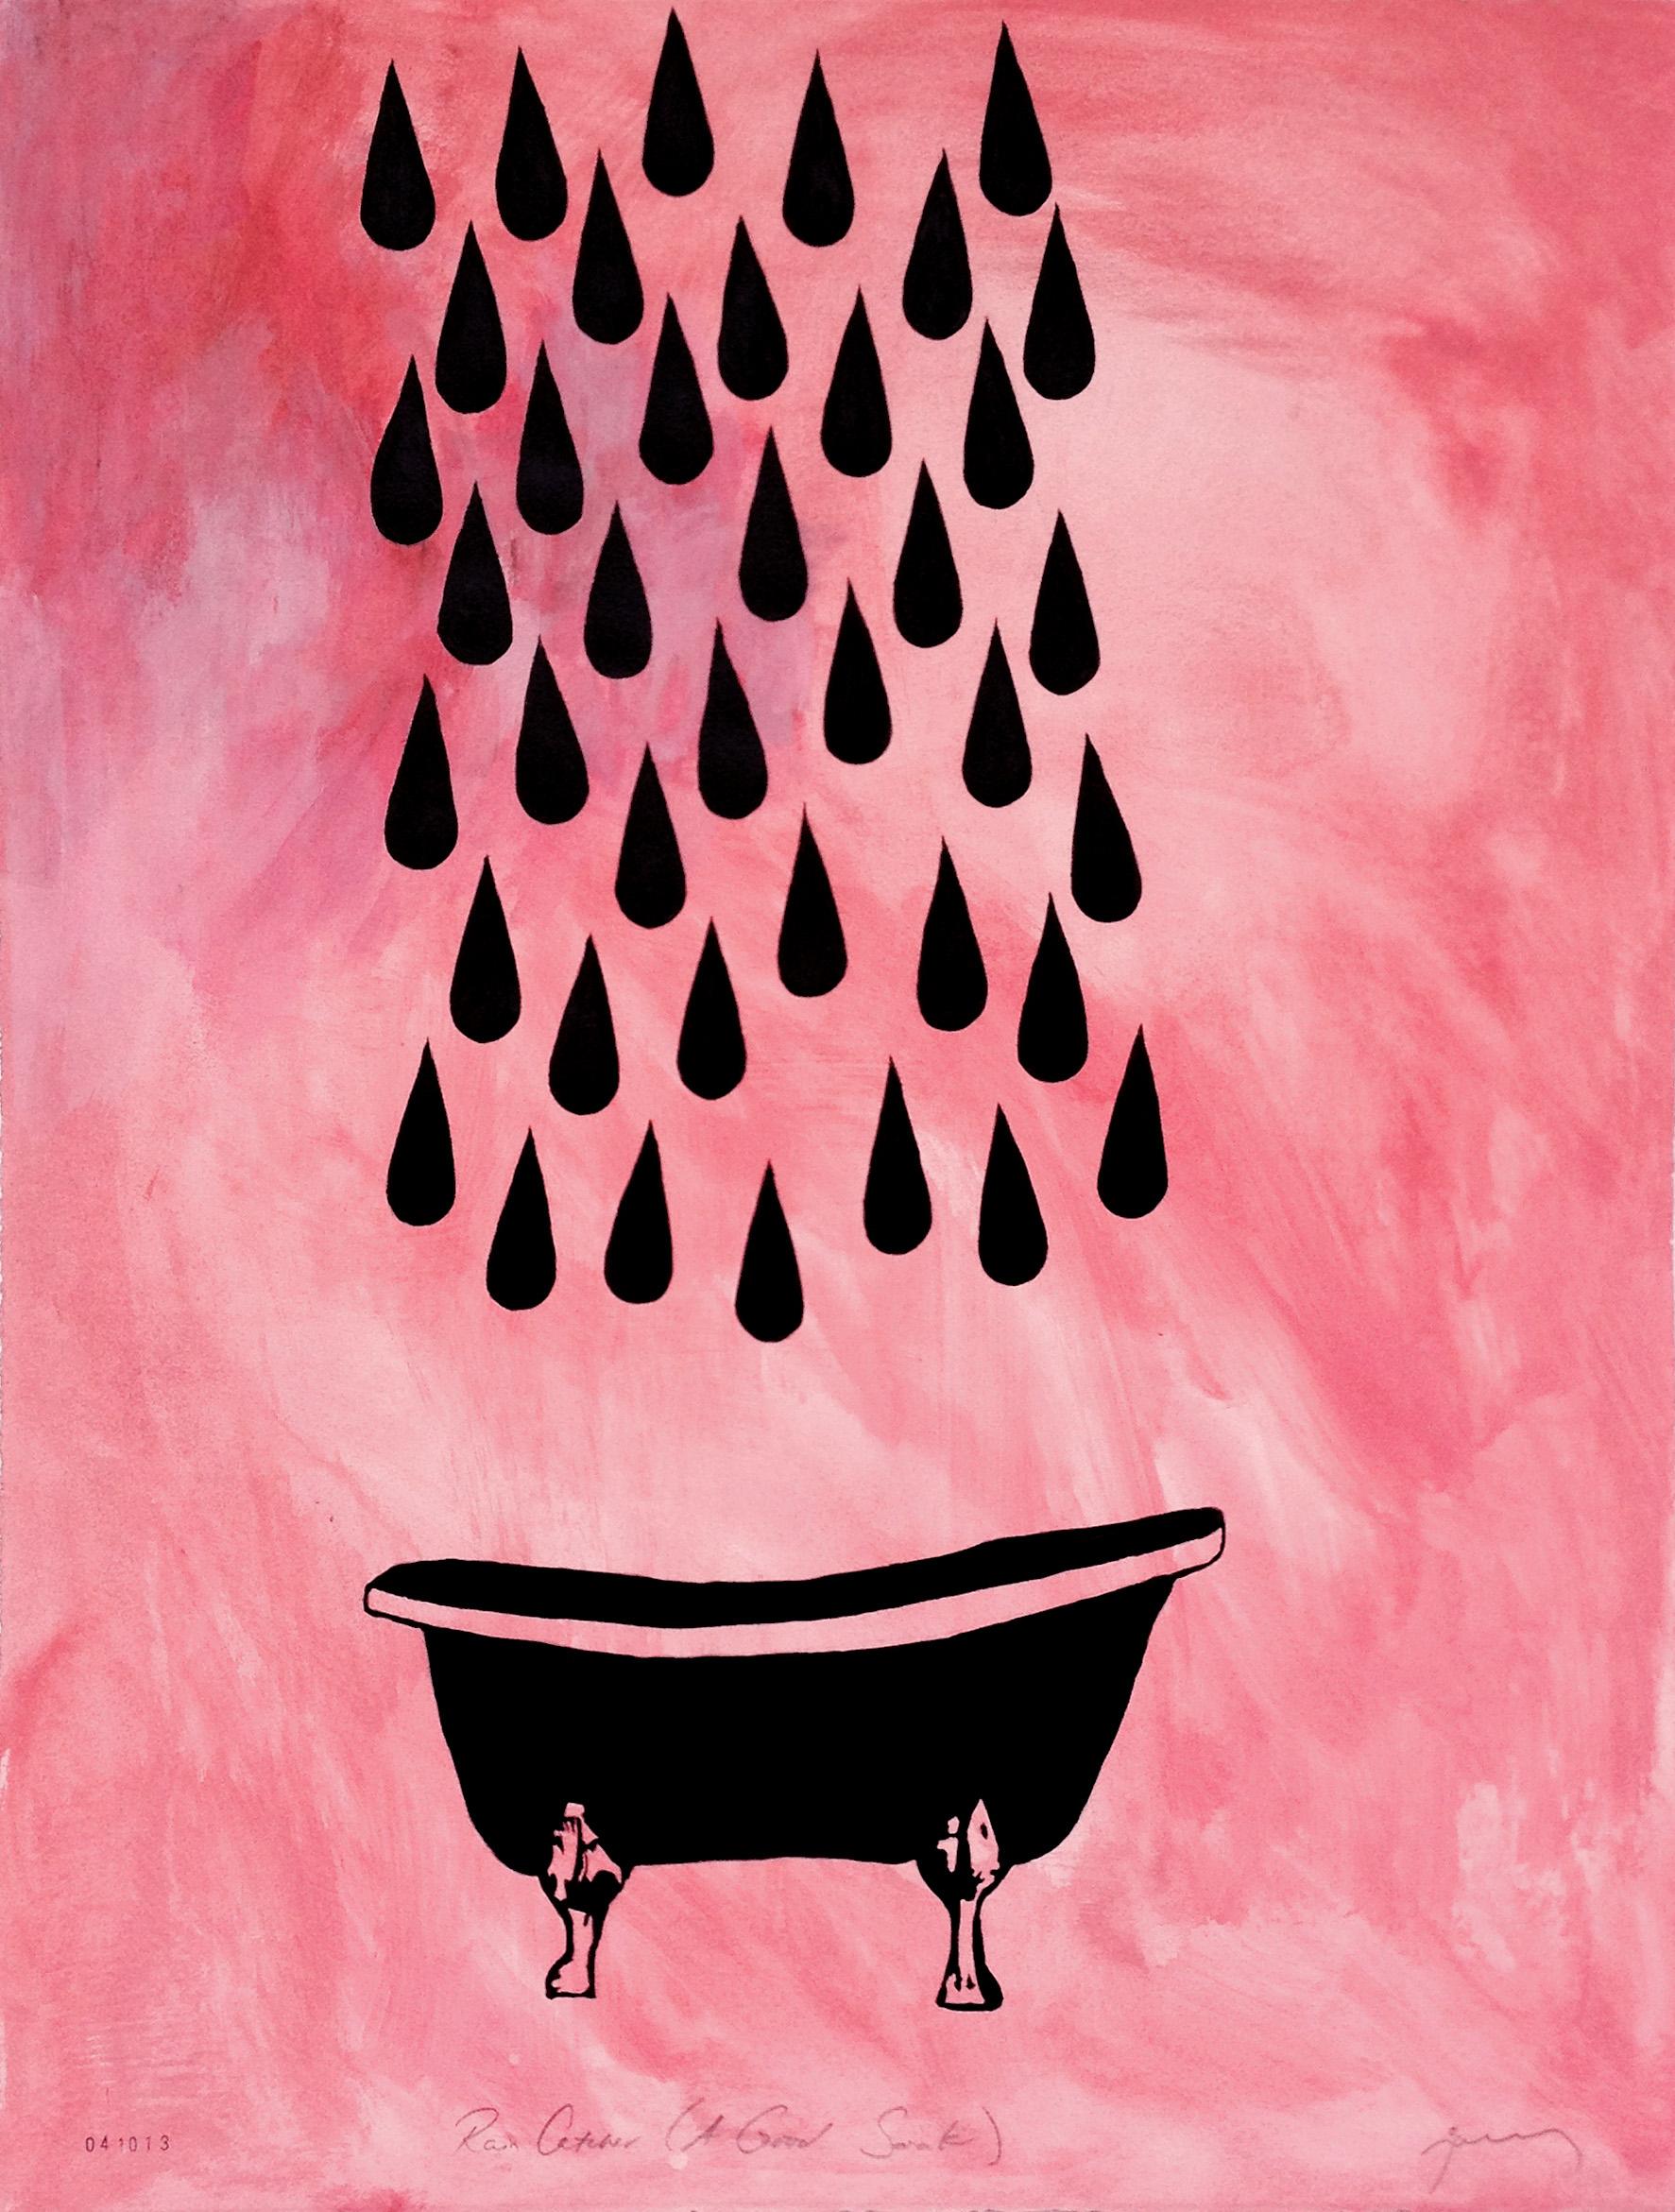 rain catcher (a good soak).jpg